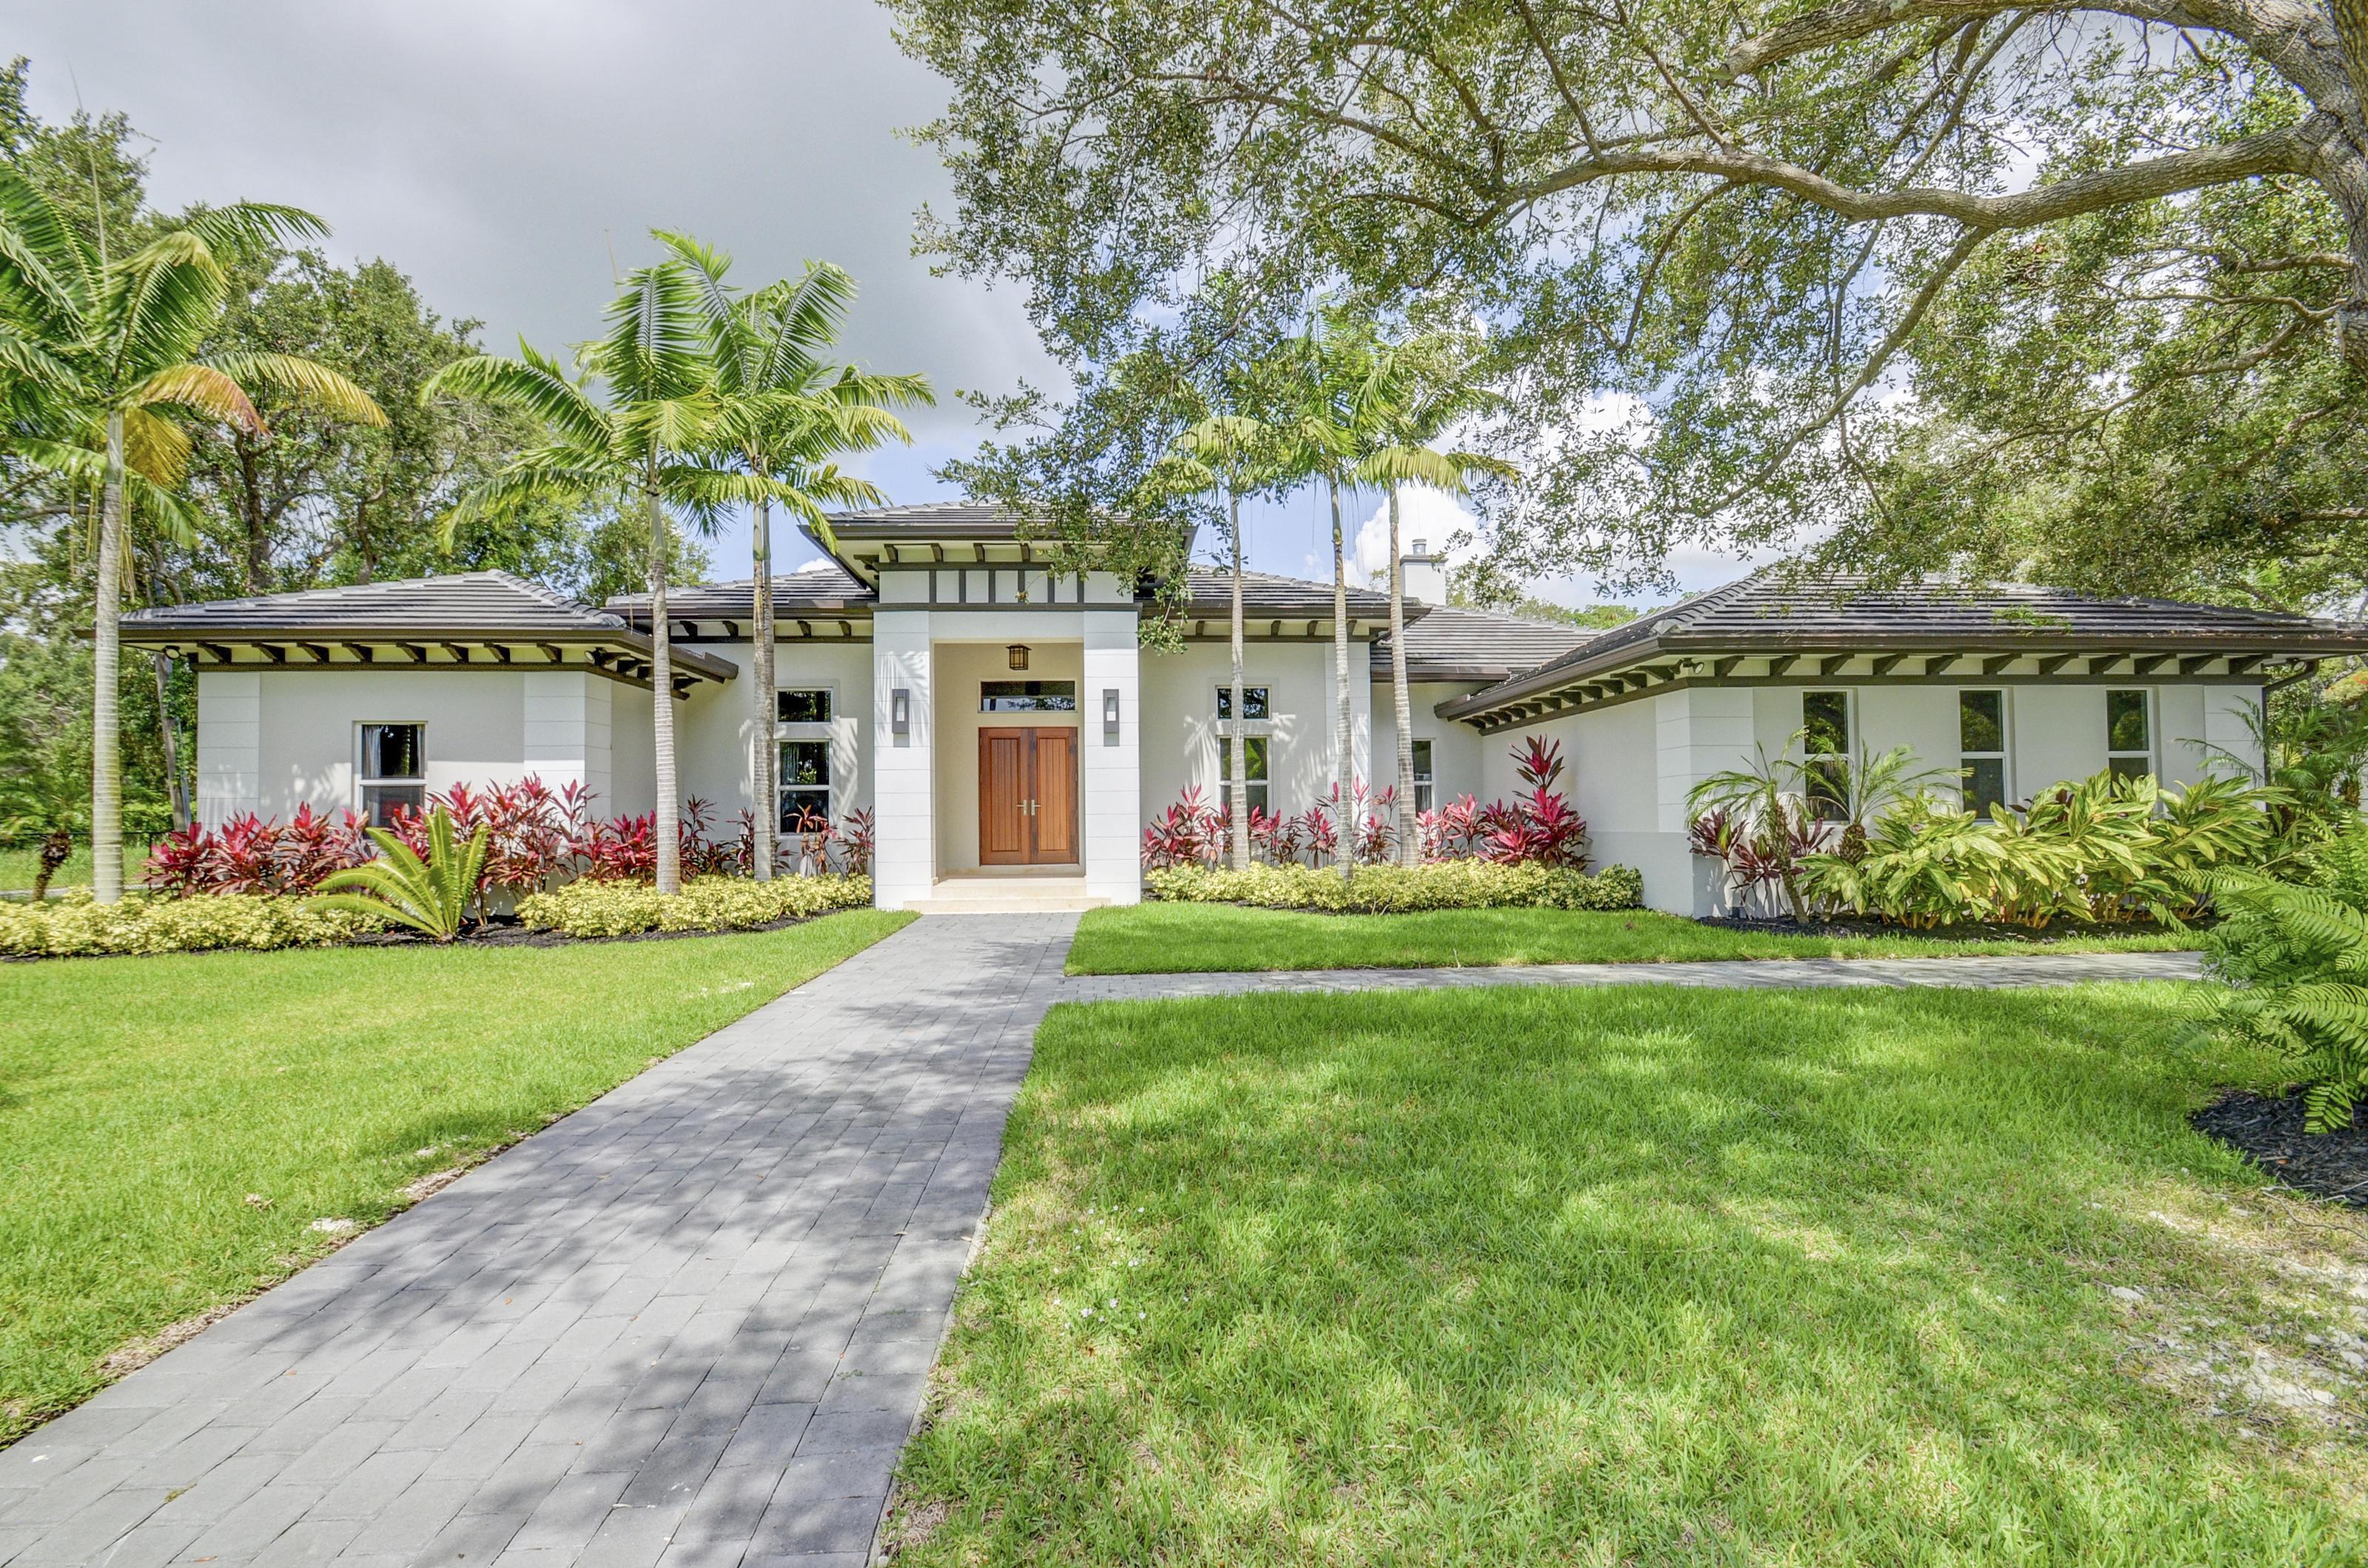 独户住宅 为 销售 在 11280 Sw 82nd Avenue 迈阿密, 佛罗里达州, 33156 美国